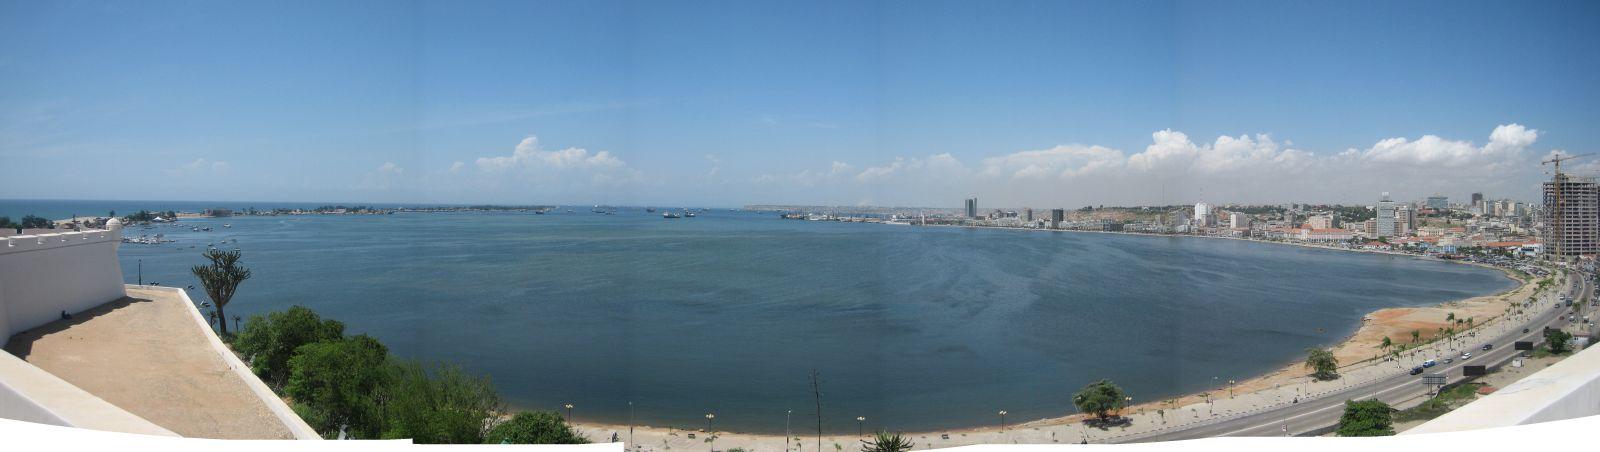 Bahia de Luanda.jpg